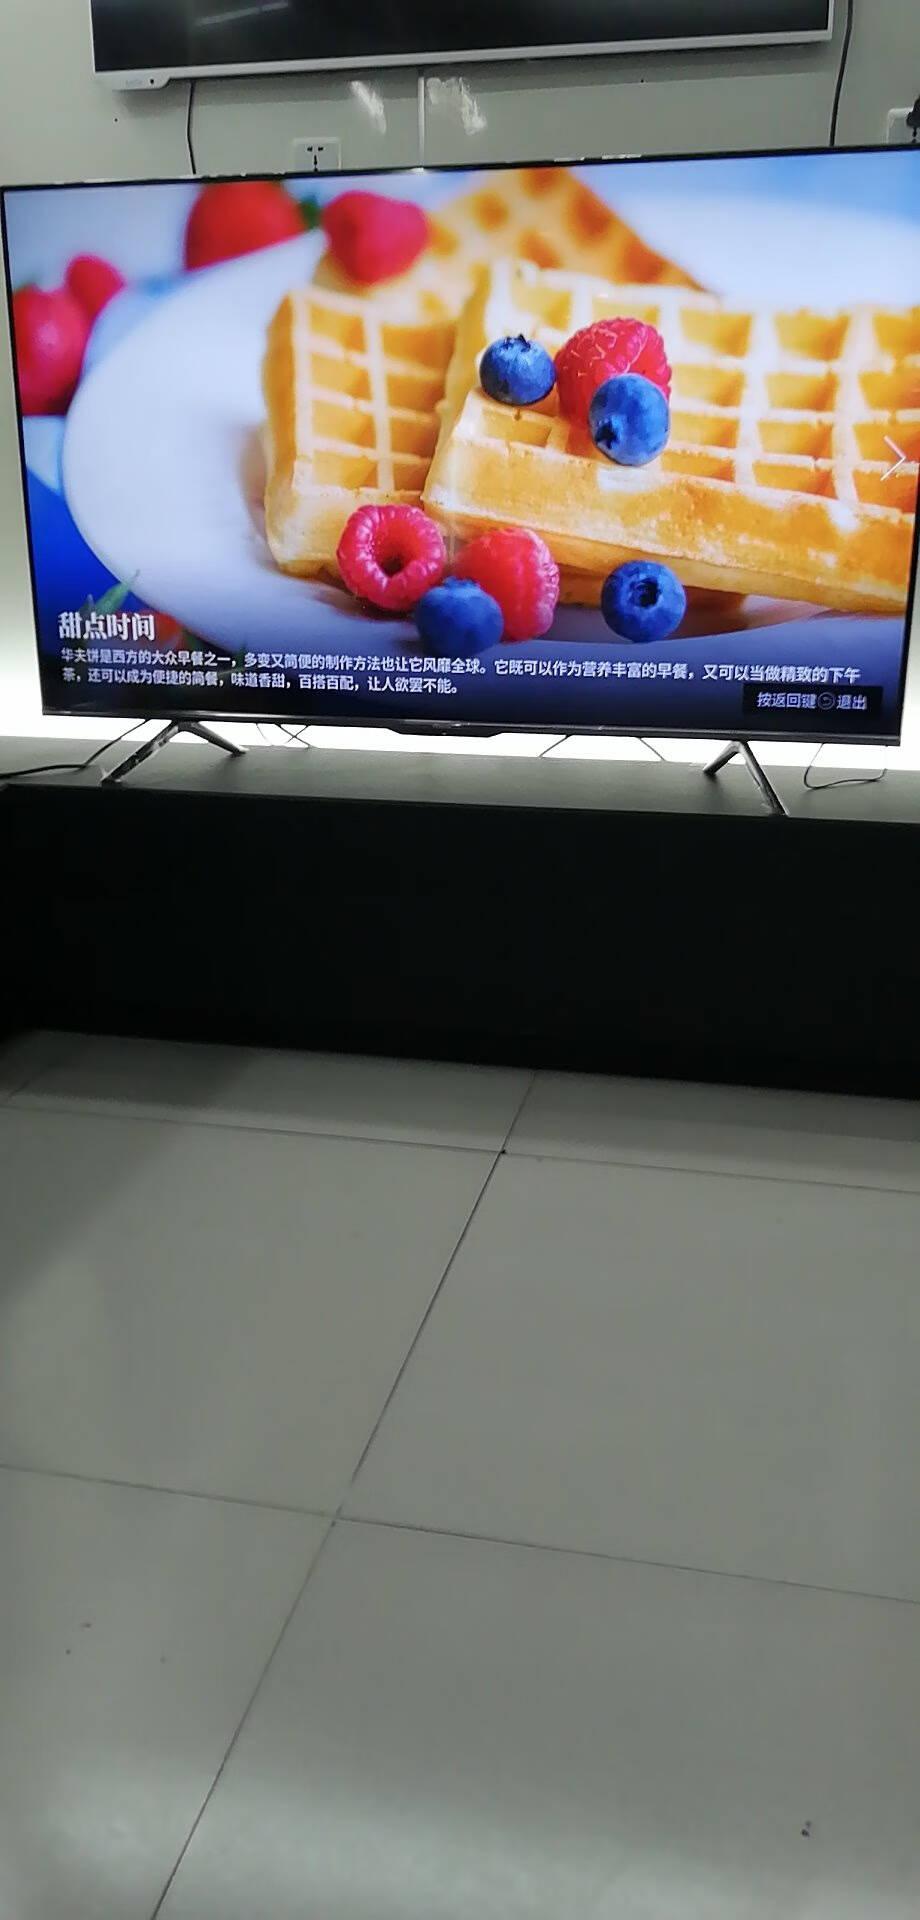 海信(Hisense)65T51F65英寸4K超清HDR智慧语音多屏互动超薄悬浮全面屏平板教育电视机